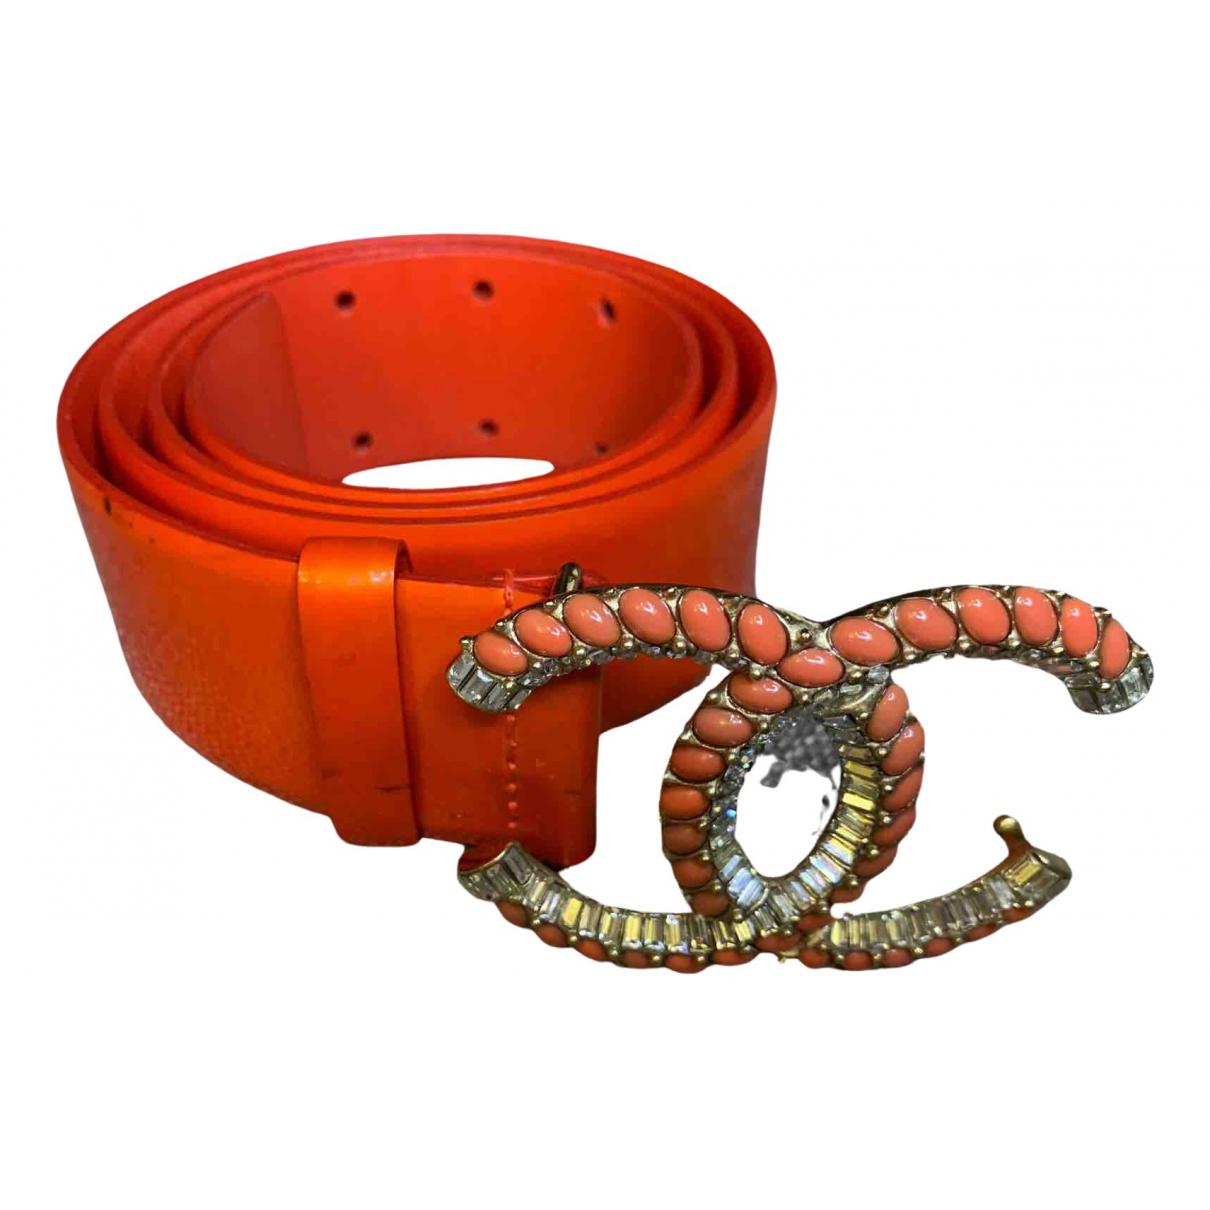 Cinturon de Charol Chanel